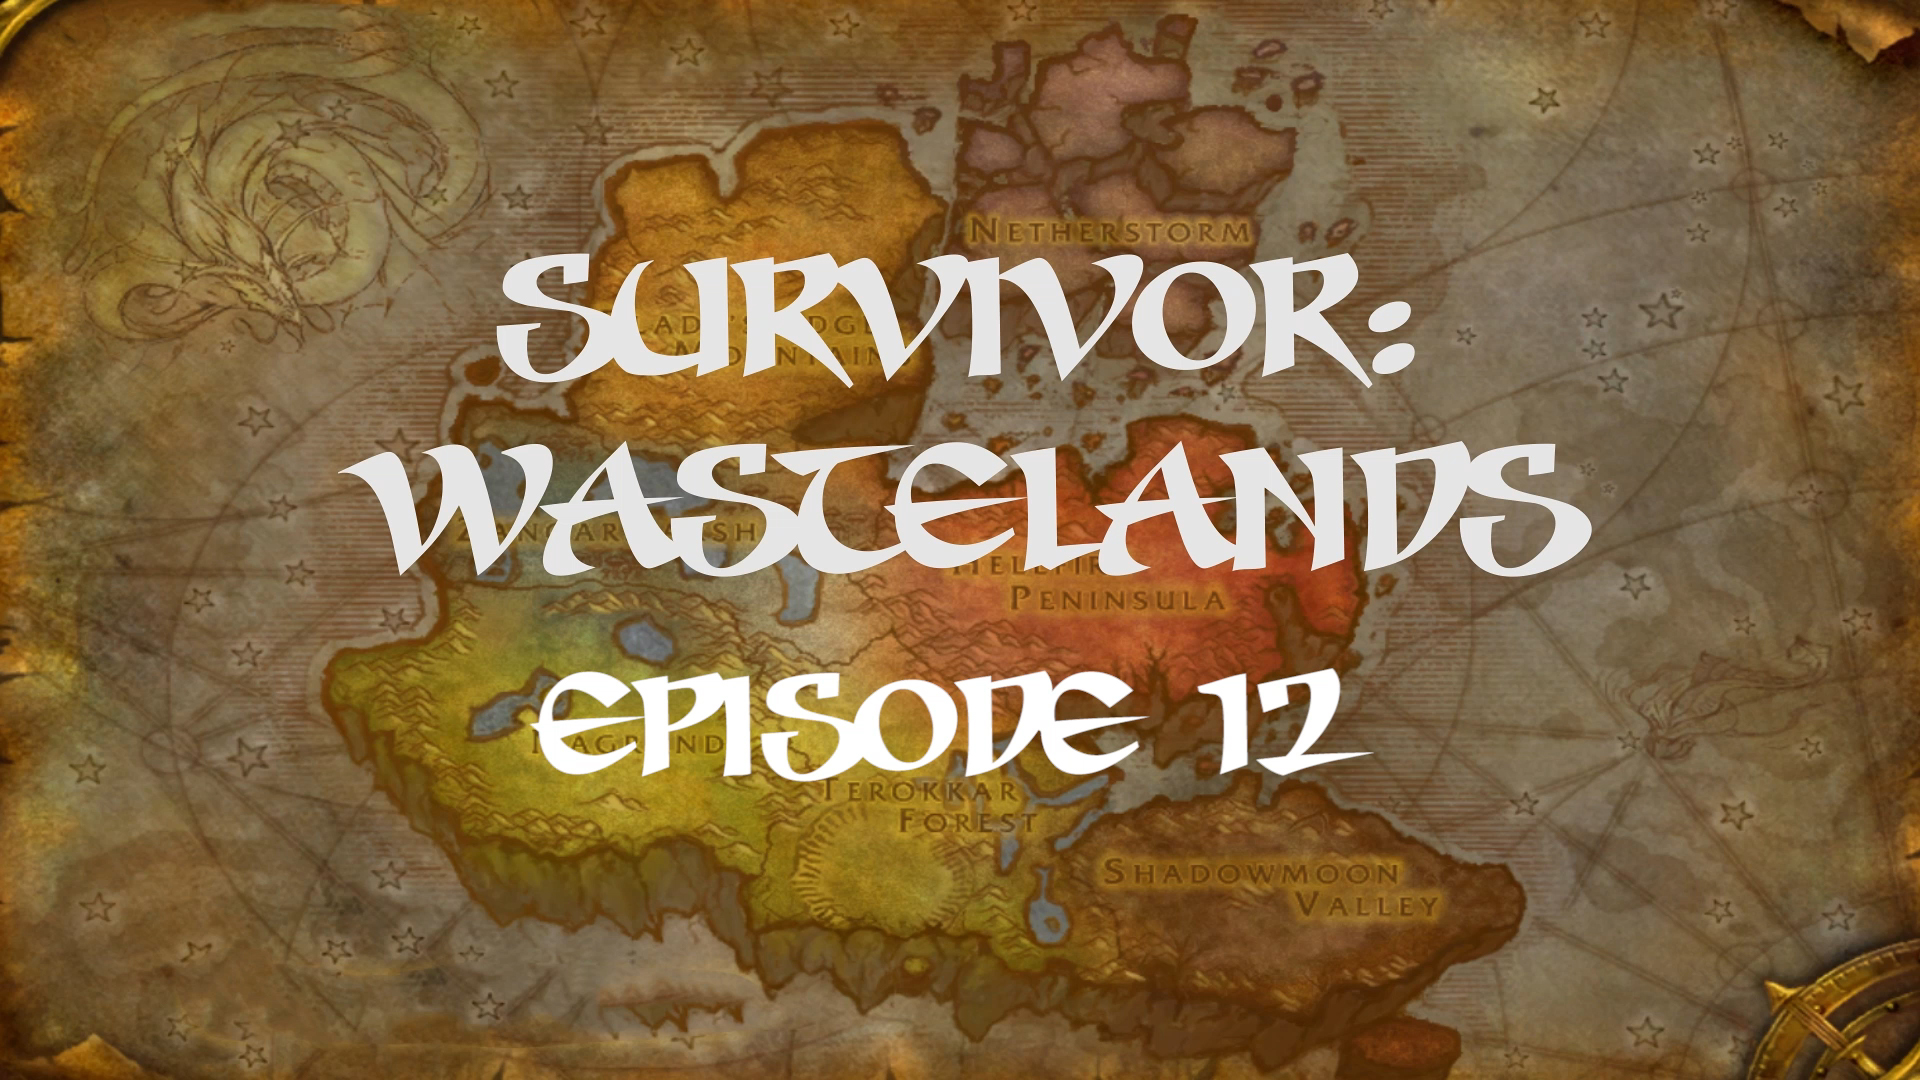 Survivor Wastelands Episode 12.jpg